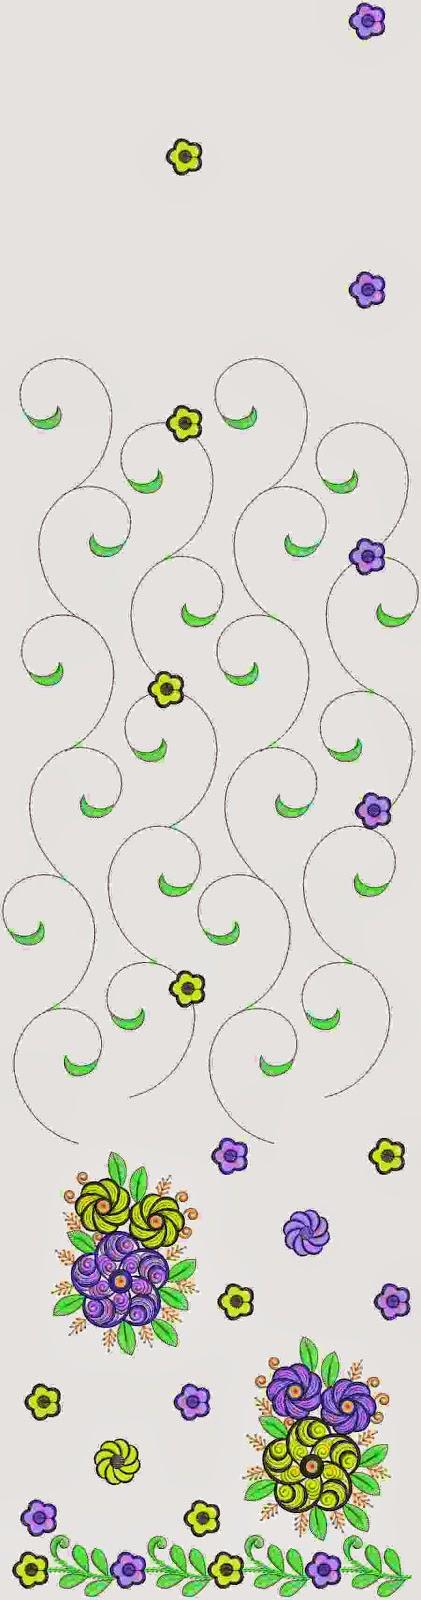 Multi Sari ontwerp is ontwerp om op sy stof